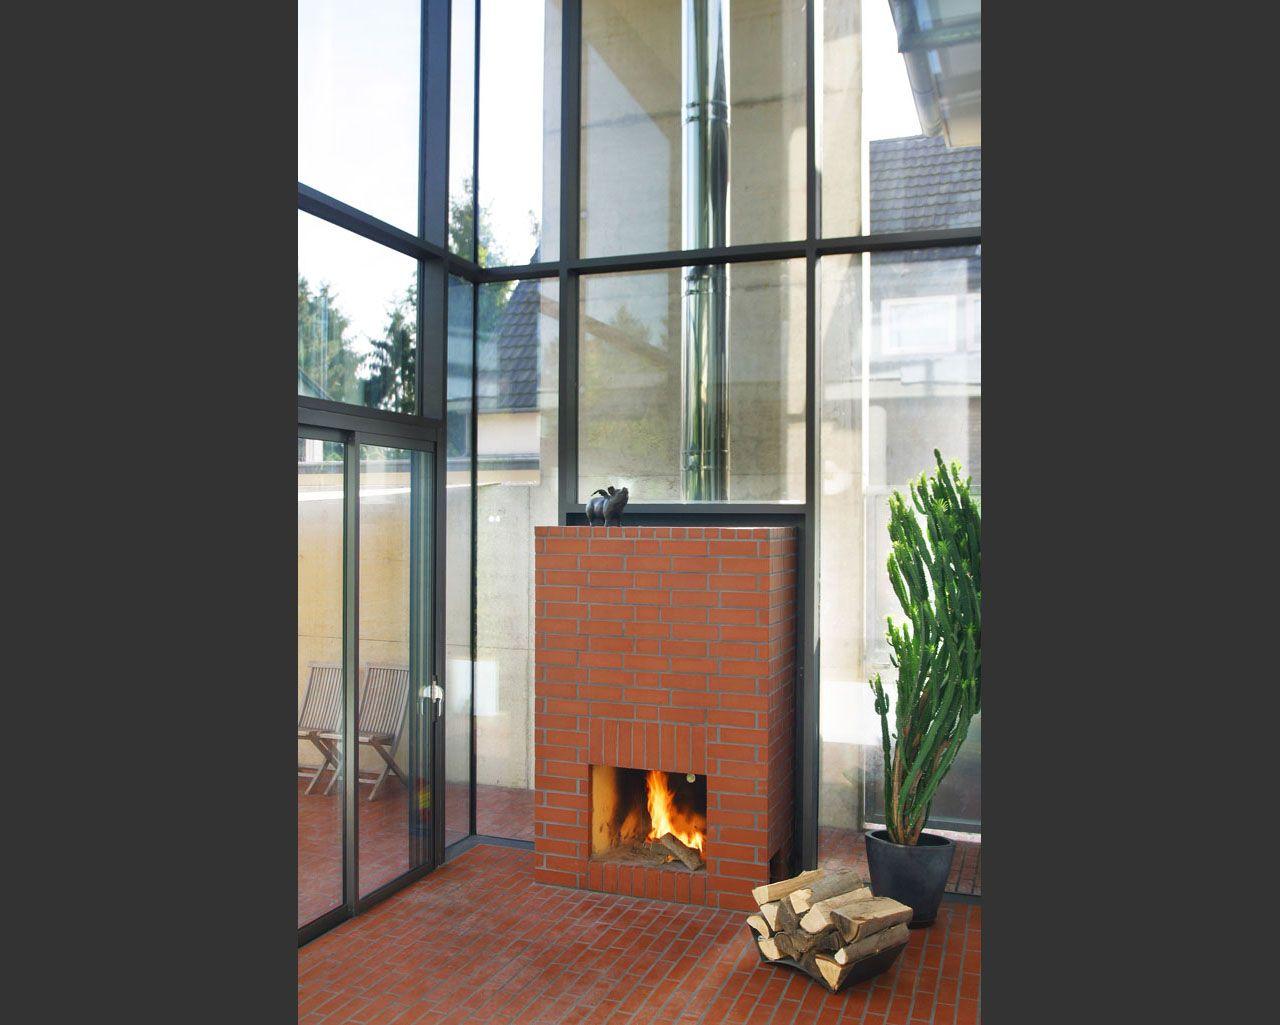 offener kamin in einer glasfensterwand der r ckseitige korpus und der edelstahlschornstein. Black Bedroom Furniture Sets. Home Design Ideas